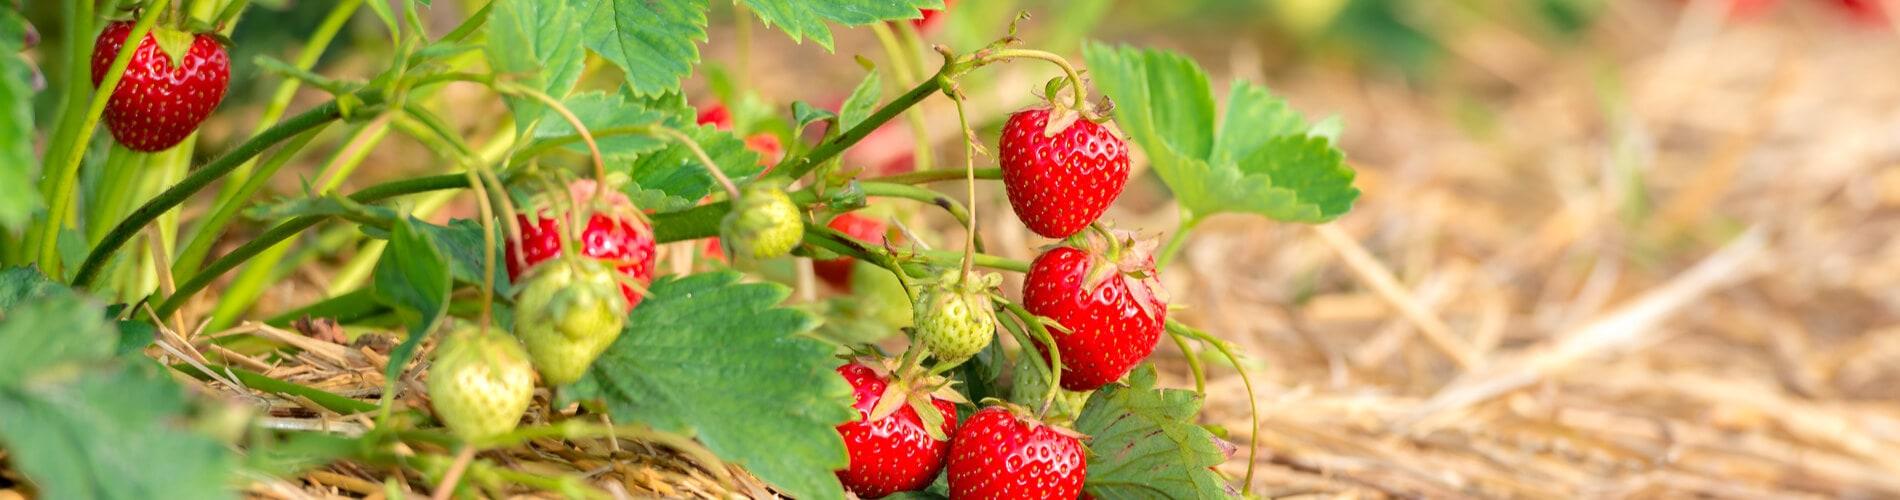 erdbeeren aussäen